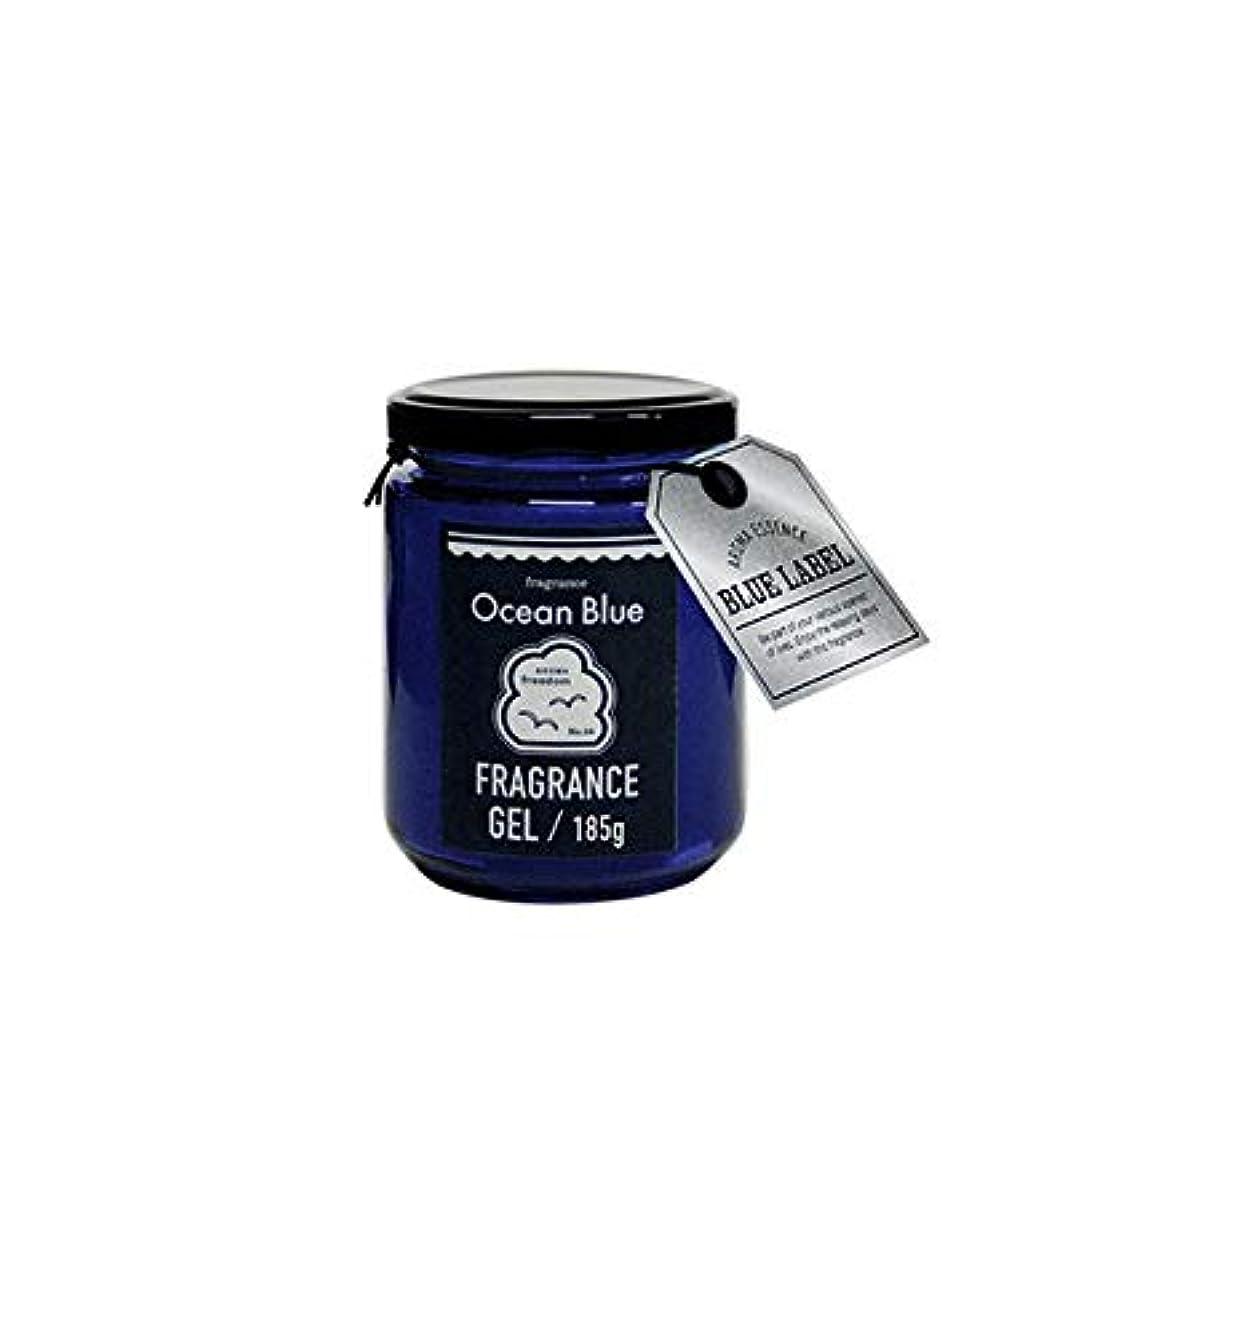 一貫性のない光沢シェアアロマエッセンスブルーラベル フレグランスジェル185g オーシャンブルー(ルームフレグランス 約1-2ヶ月 海の爽快な香り)